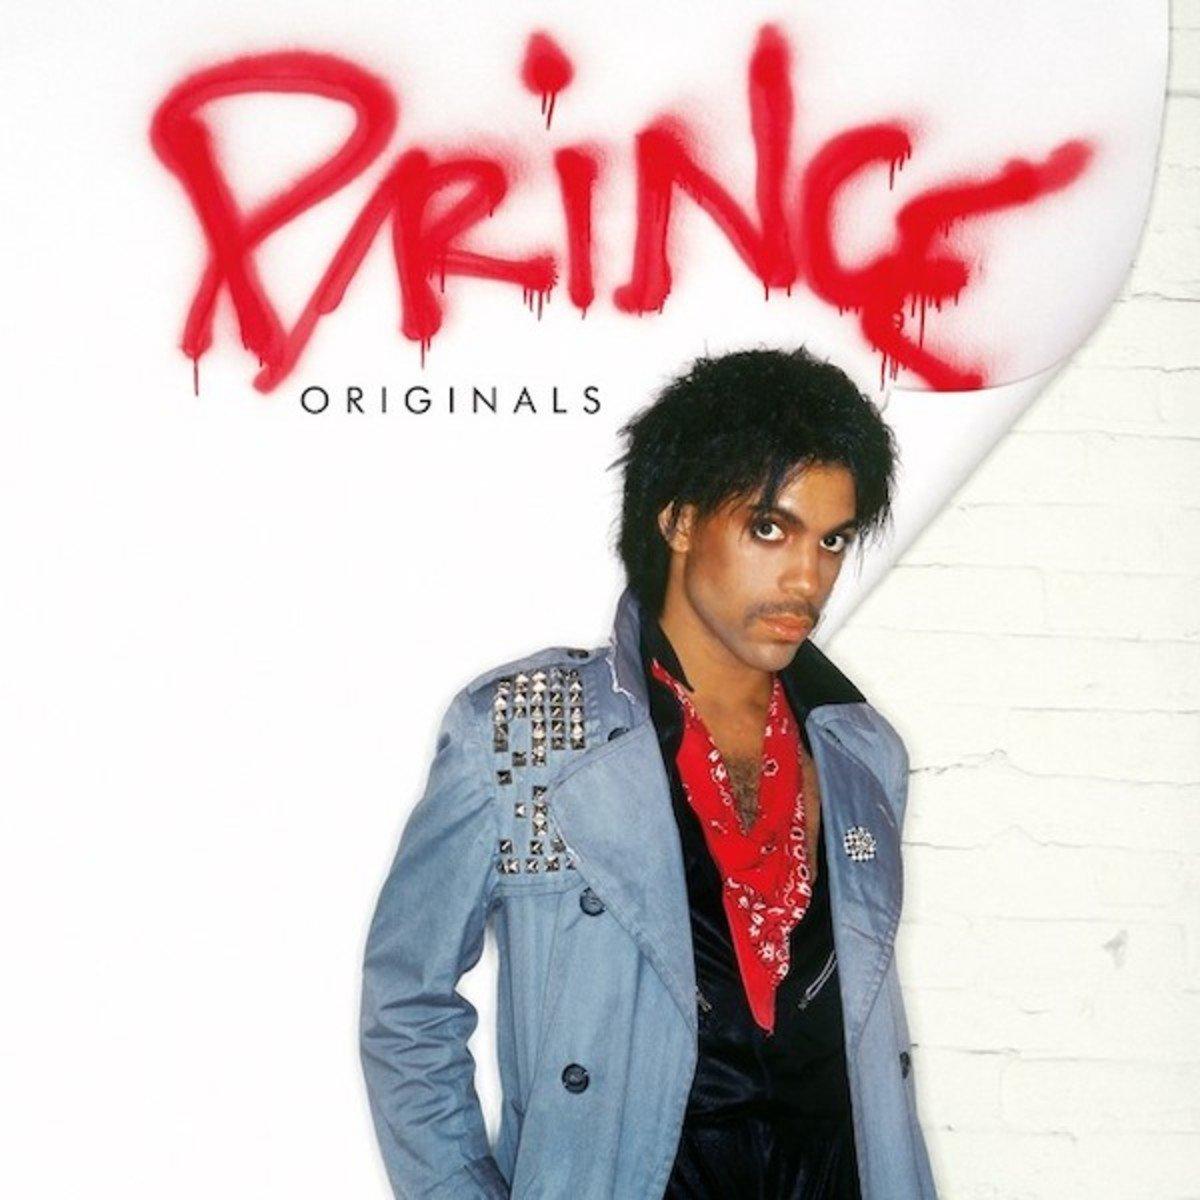 Đang tải tinhte-prince-original-lp-2.jpg…